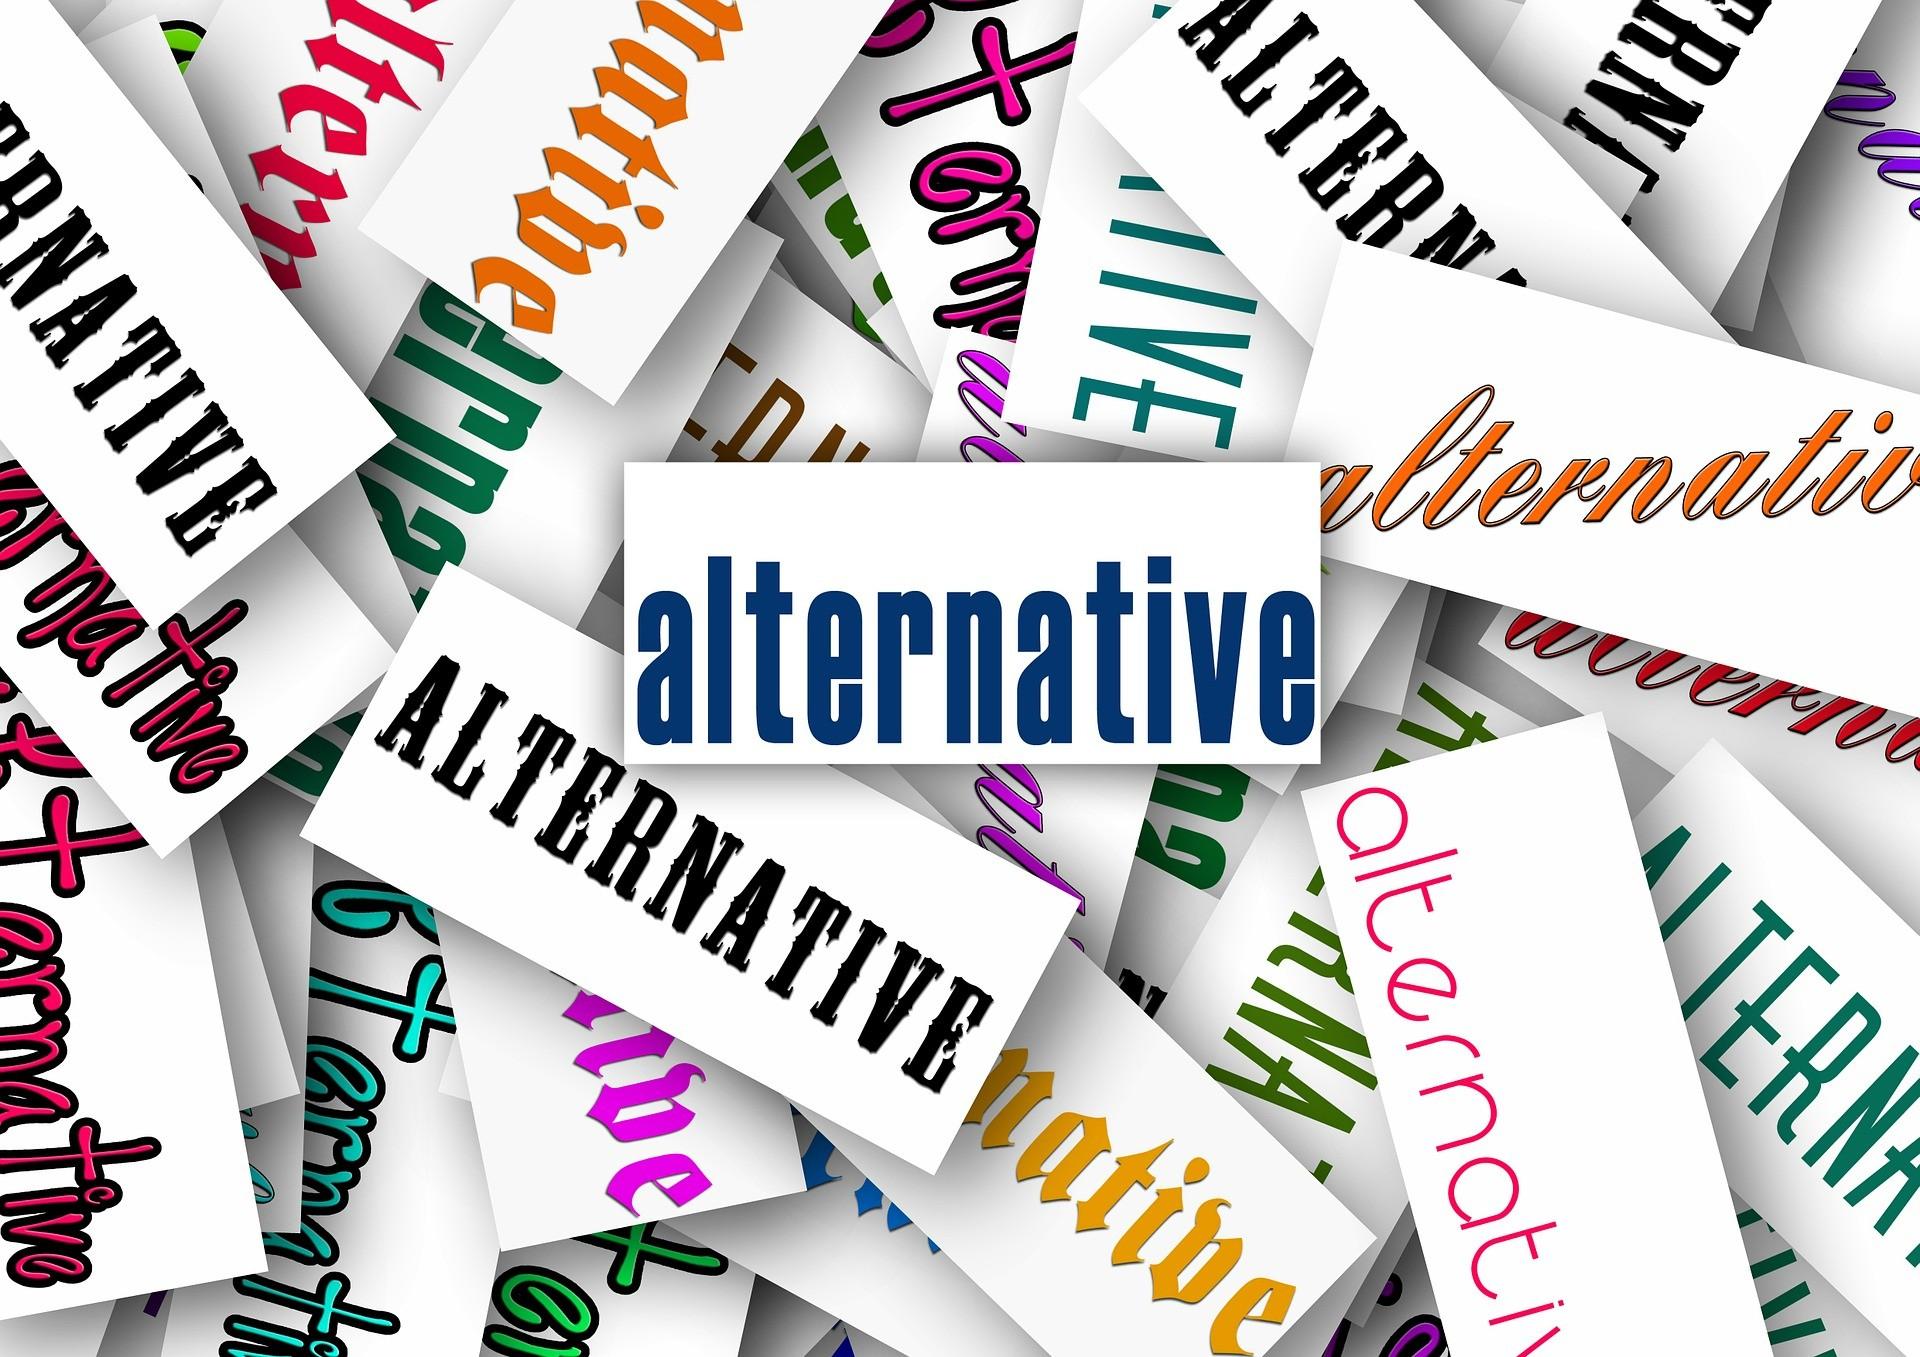 Die besten Alibaba Alternativen Update 2016